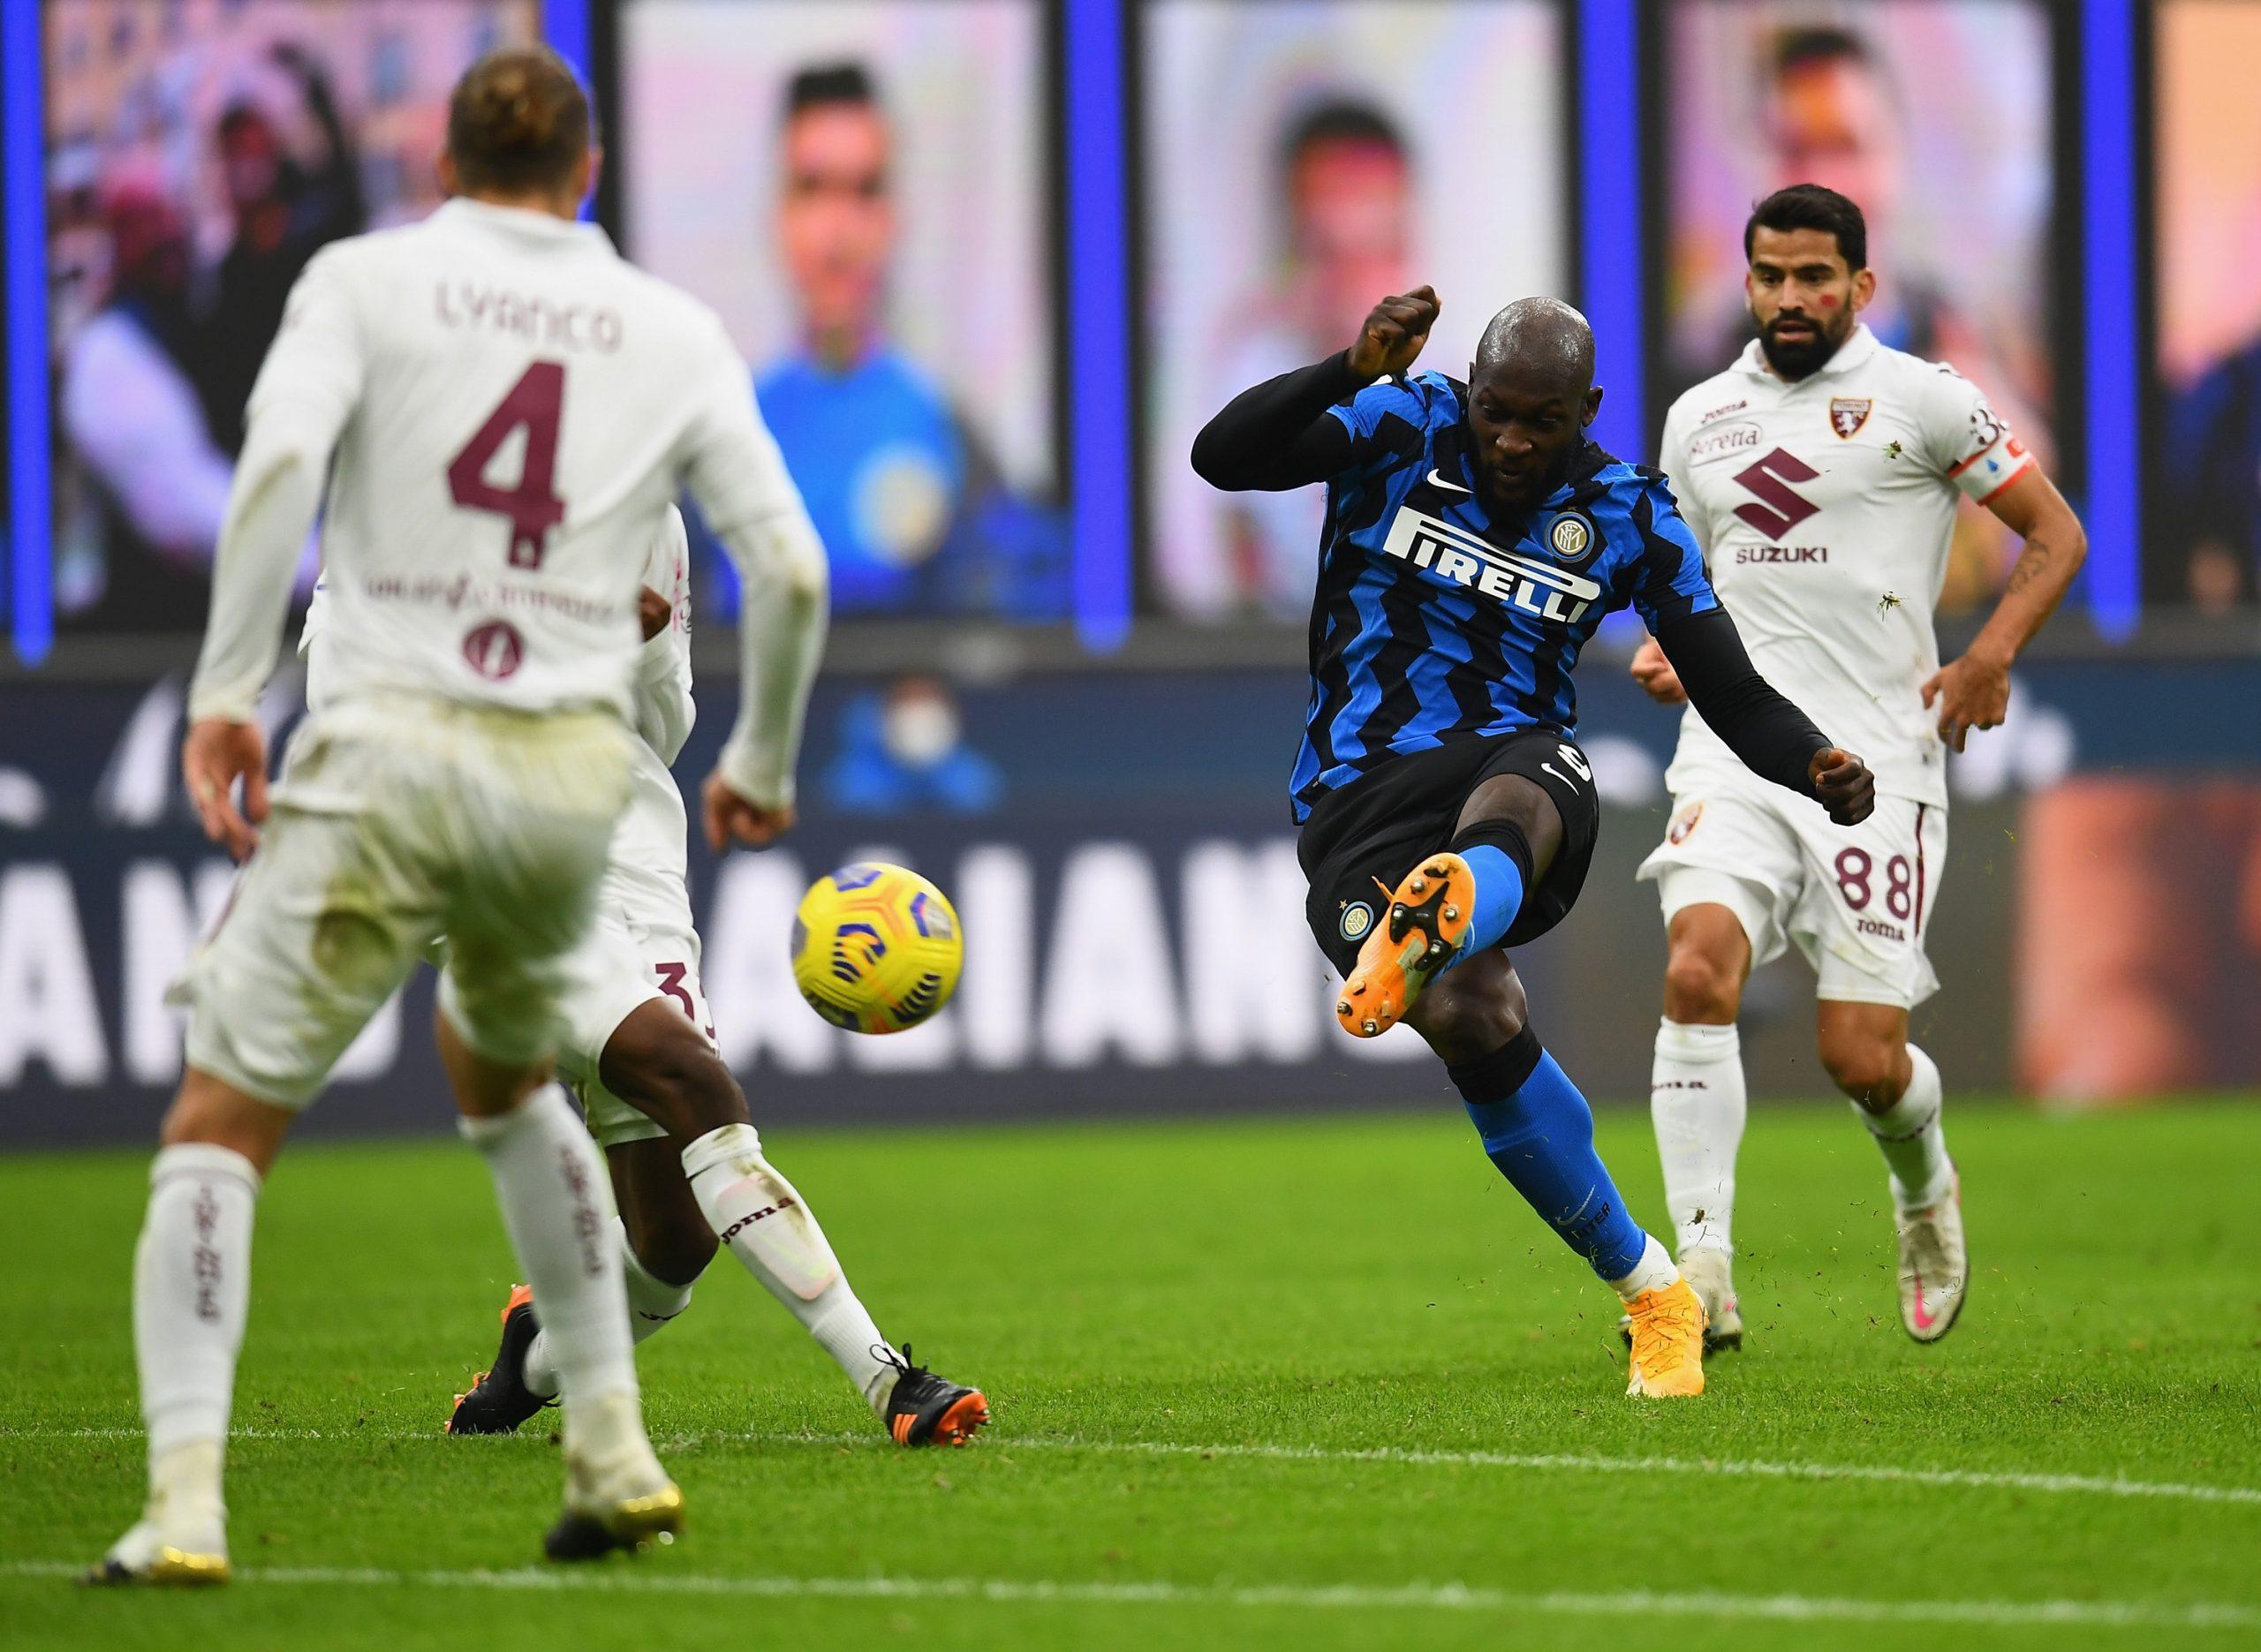 Il Milan passa a Napoli 3-1, doppietta Ibra e infortunio. L'Inter vince in rimonta